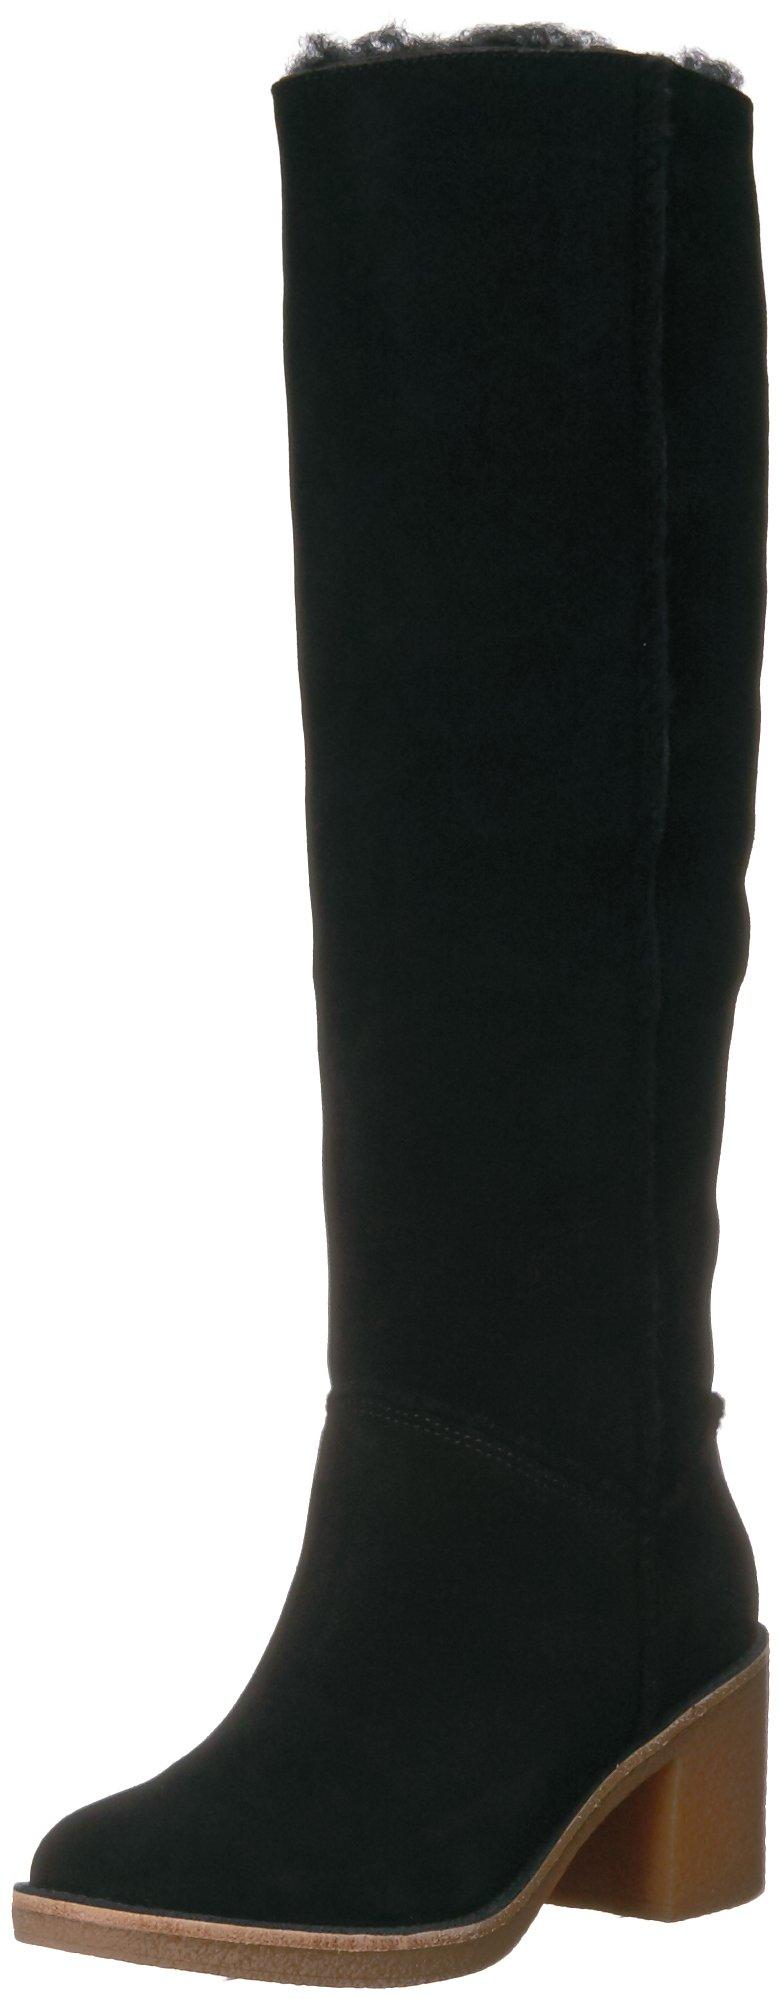 UGG Women's Kasen Tall Boot, Black, 9 M US